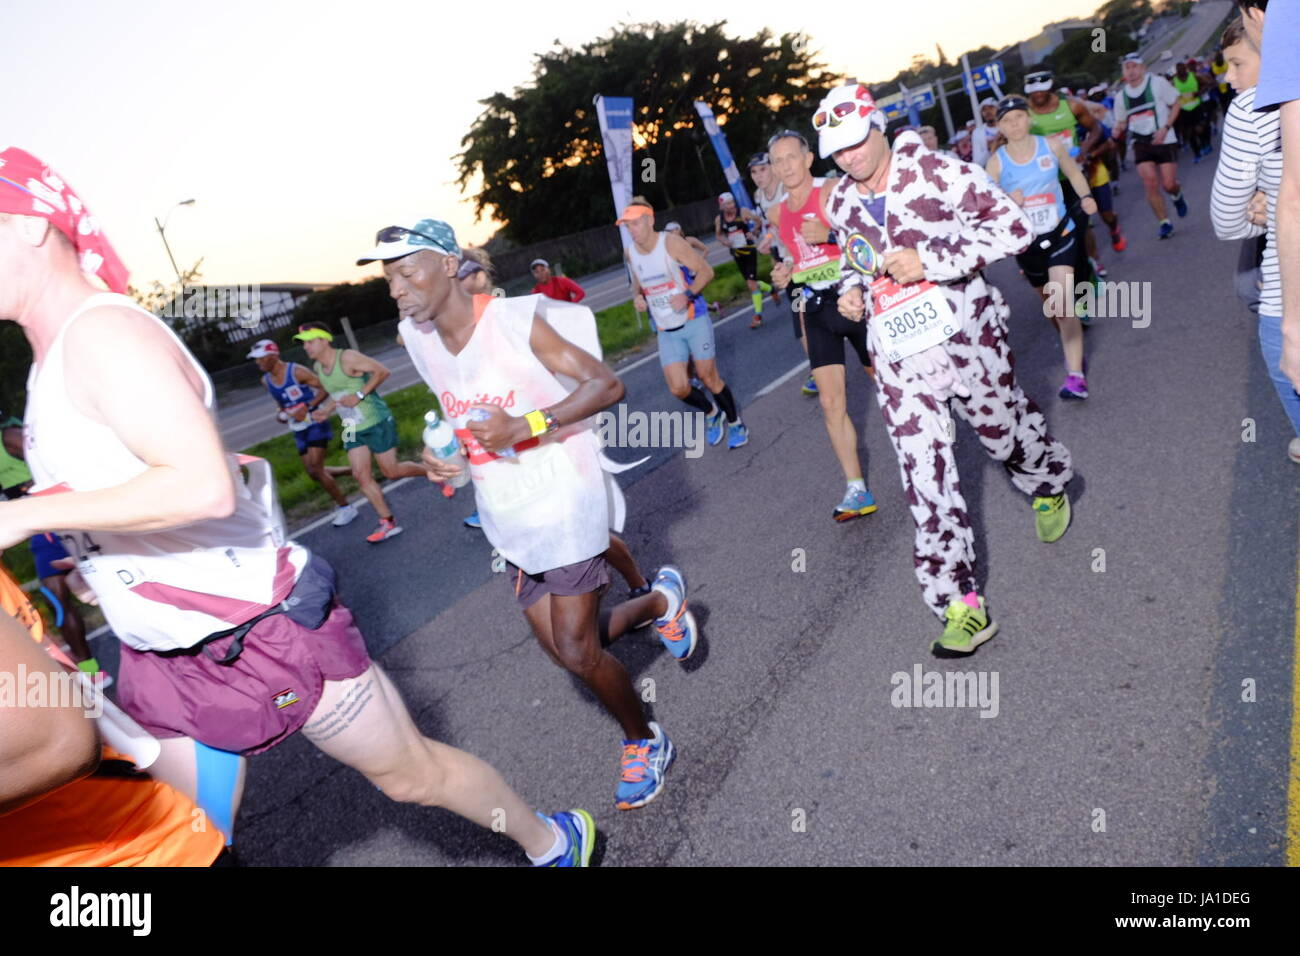 Durban, Afrique du Sud, 4 juin 2017. Camarades Marathon. 2017 coureurs participant au Marathon de camarades sont Photo Stock